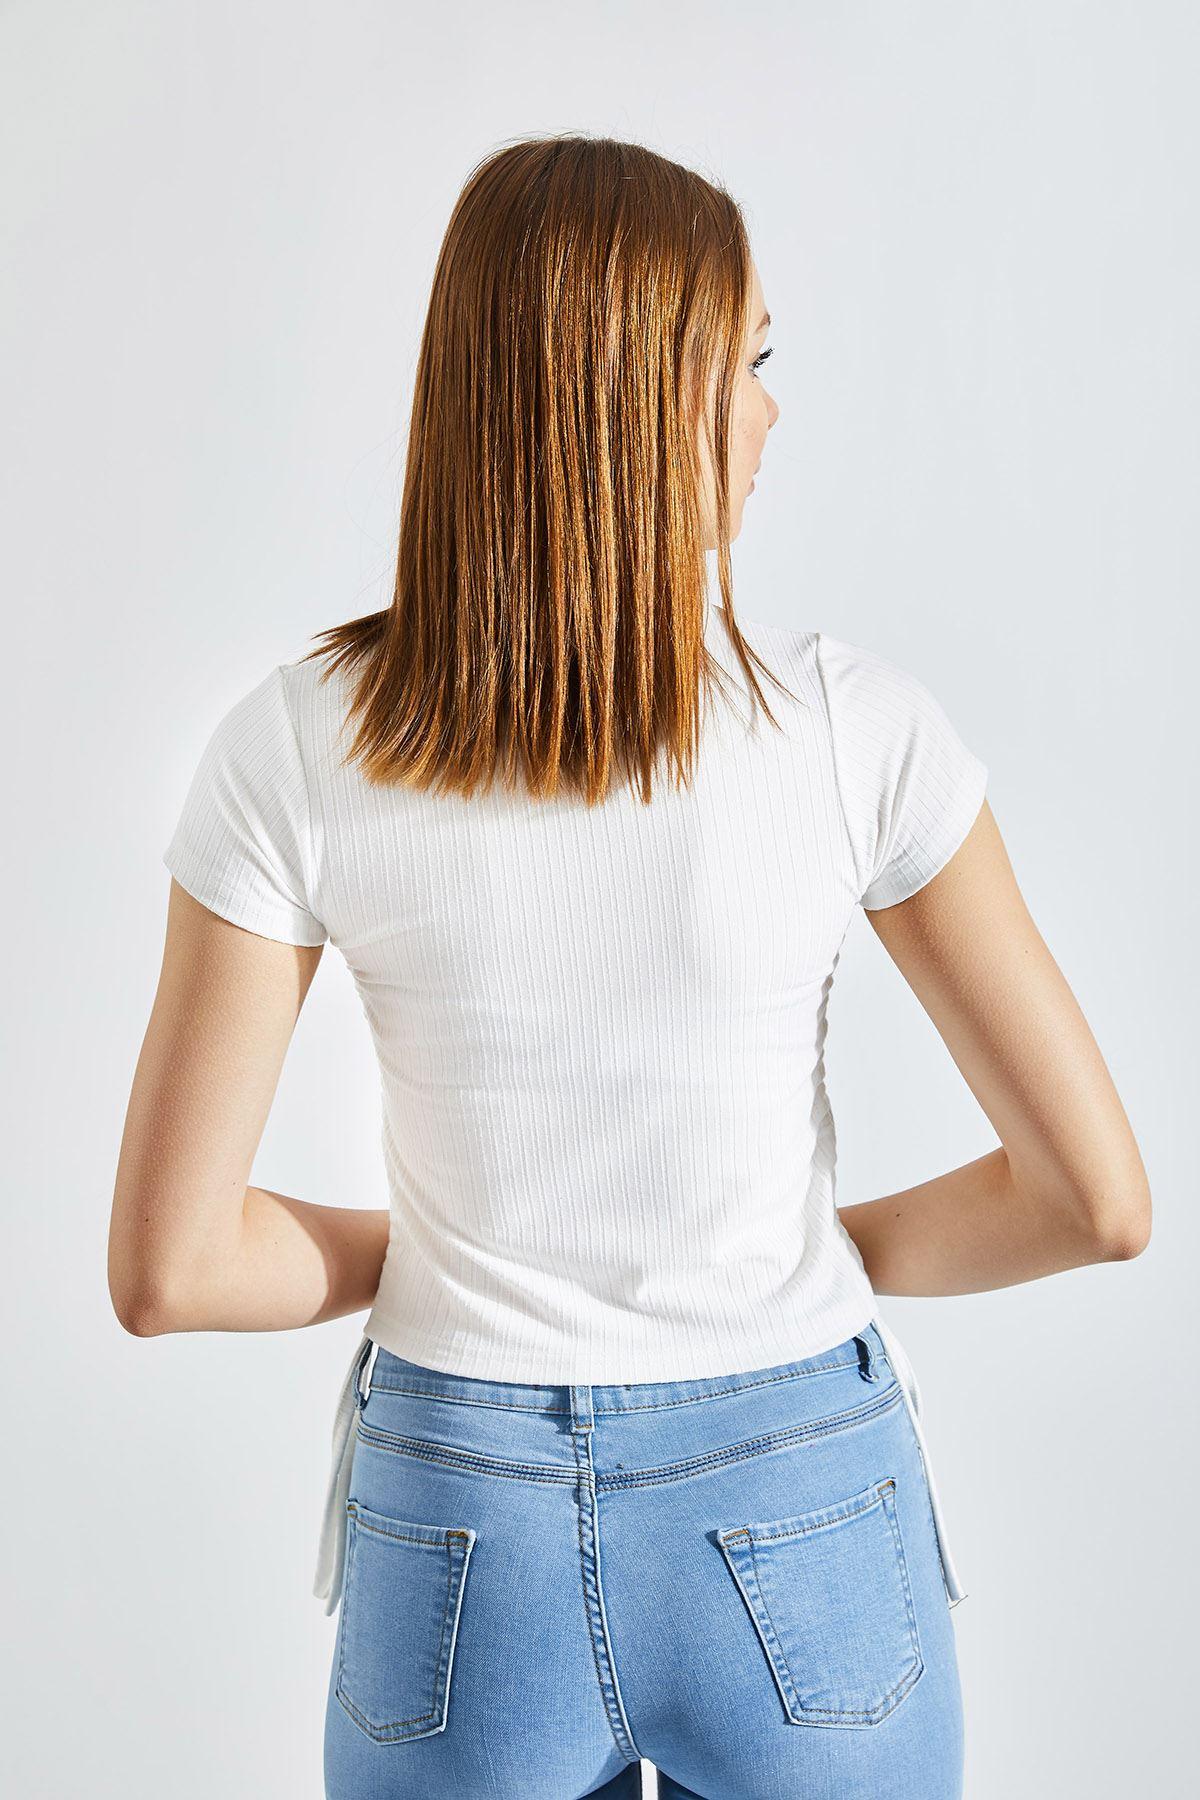 Kadın Yan Büzgü Kaşkorse Crop Krem Tişört